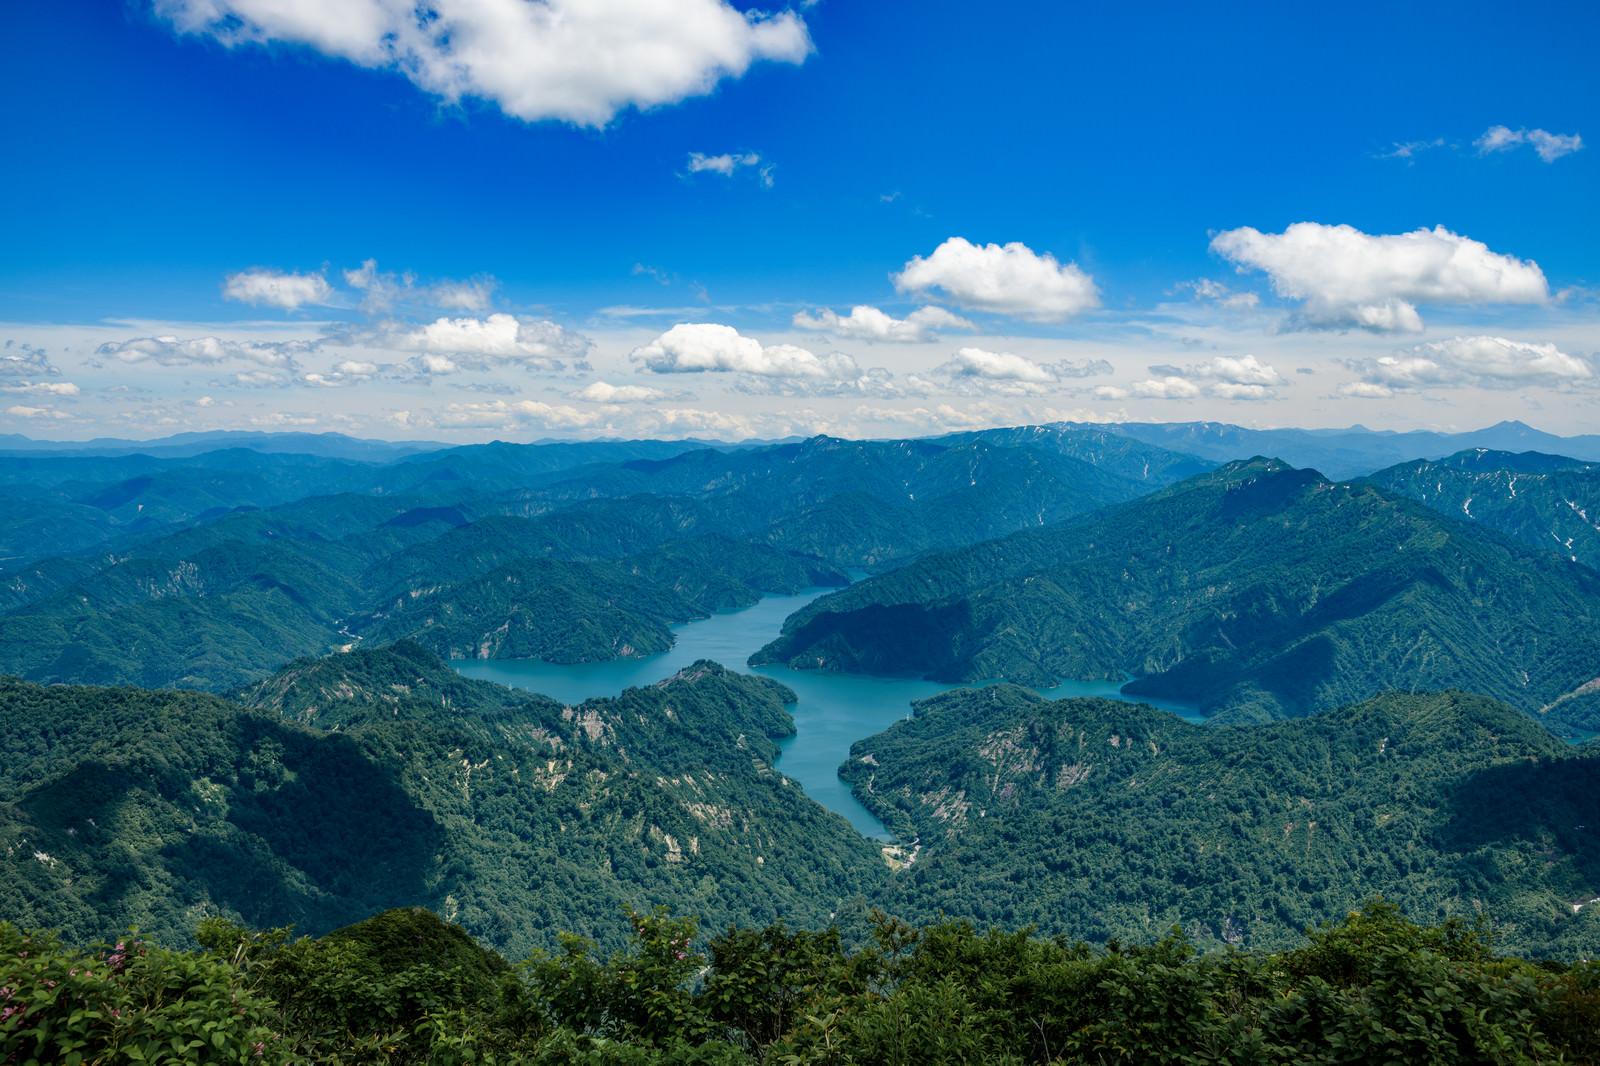 「浅草岳から見る守門岳と田子倉ダム(福島県)」の写真